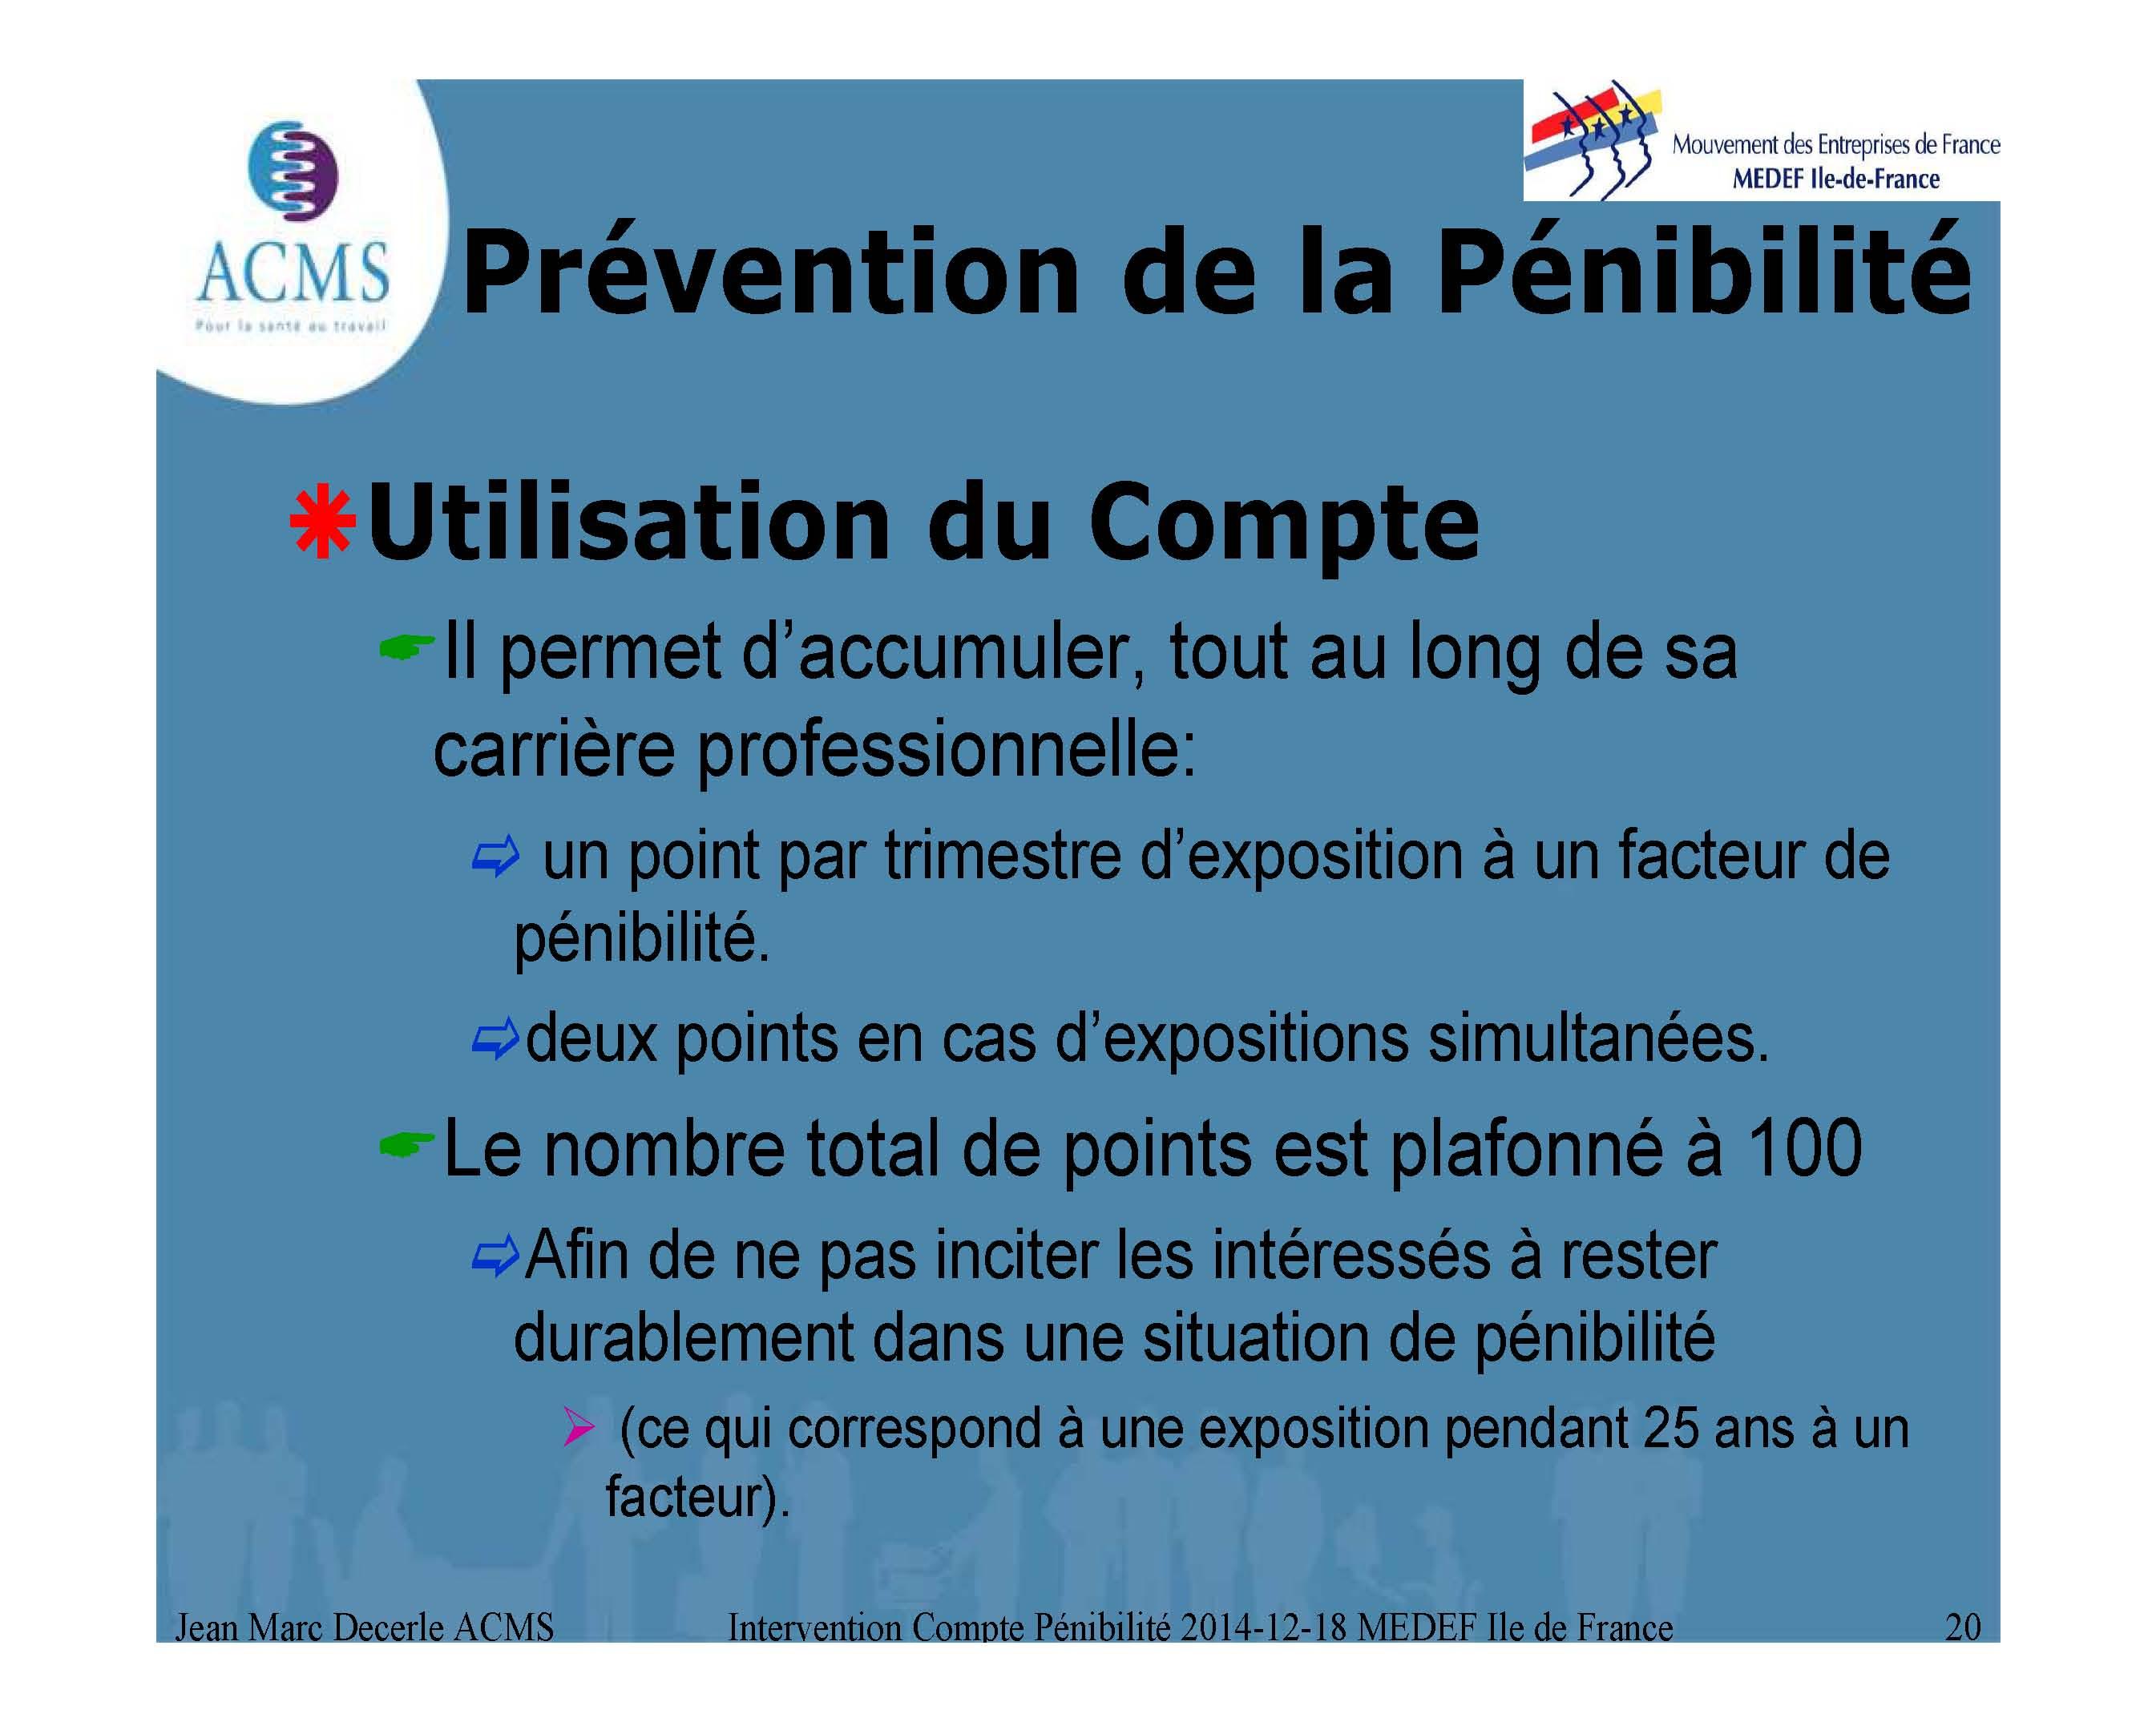 2014-12-18 Compte Pénibilite MEDEF Ile de France_Page_20